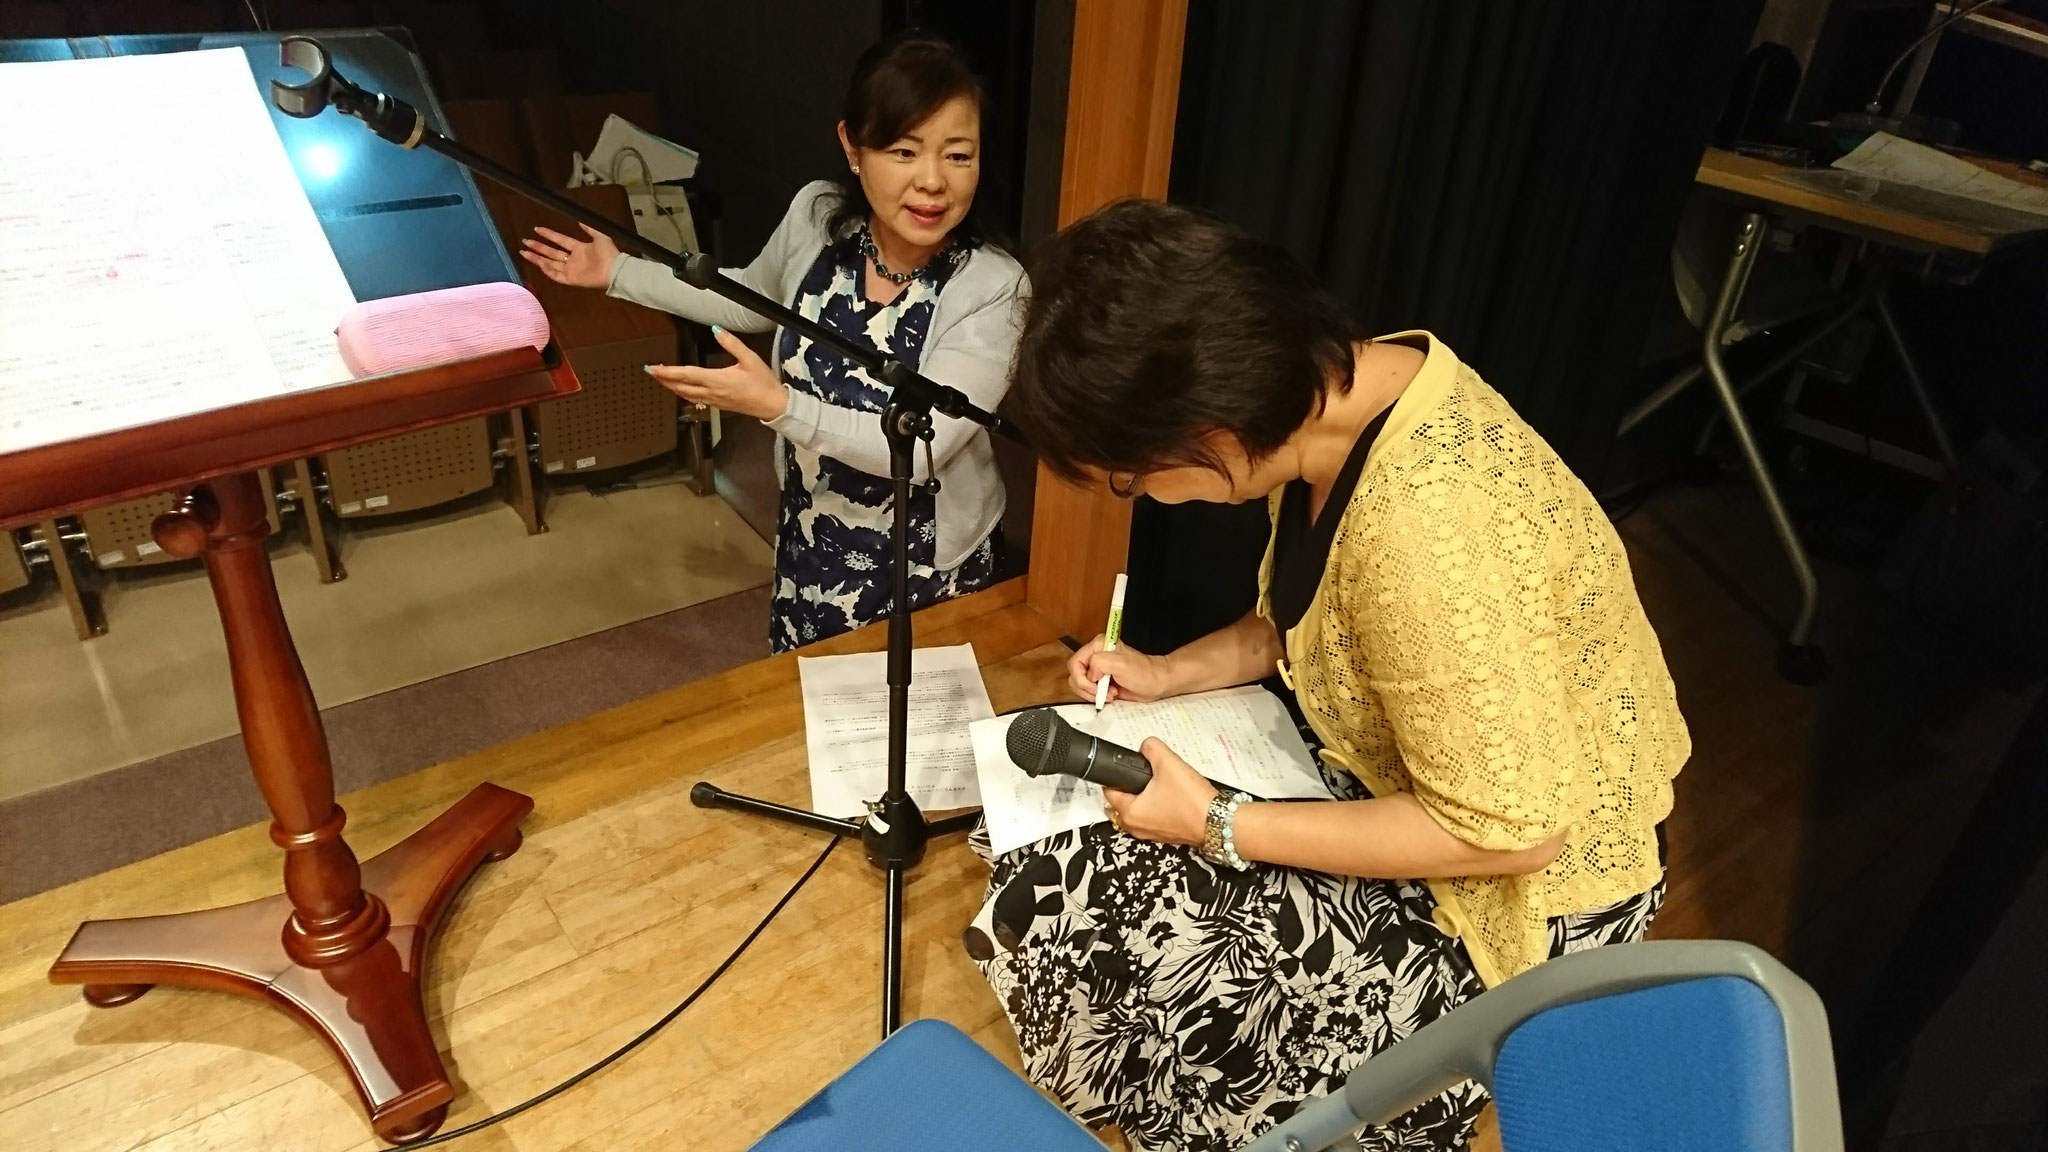 8月3日:桂幾子さんを講師に招いて、アナウンス指導。